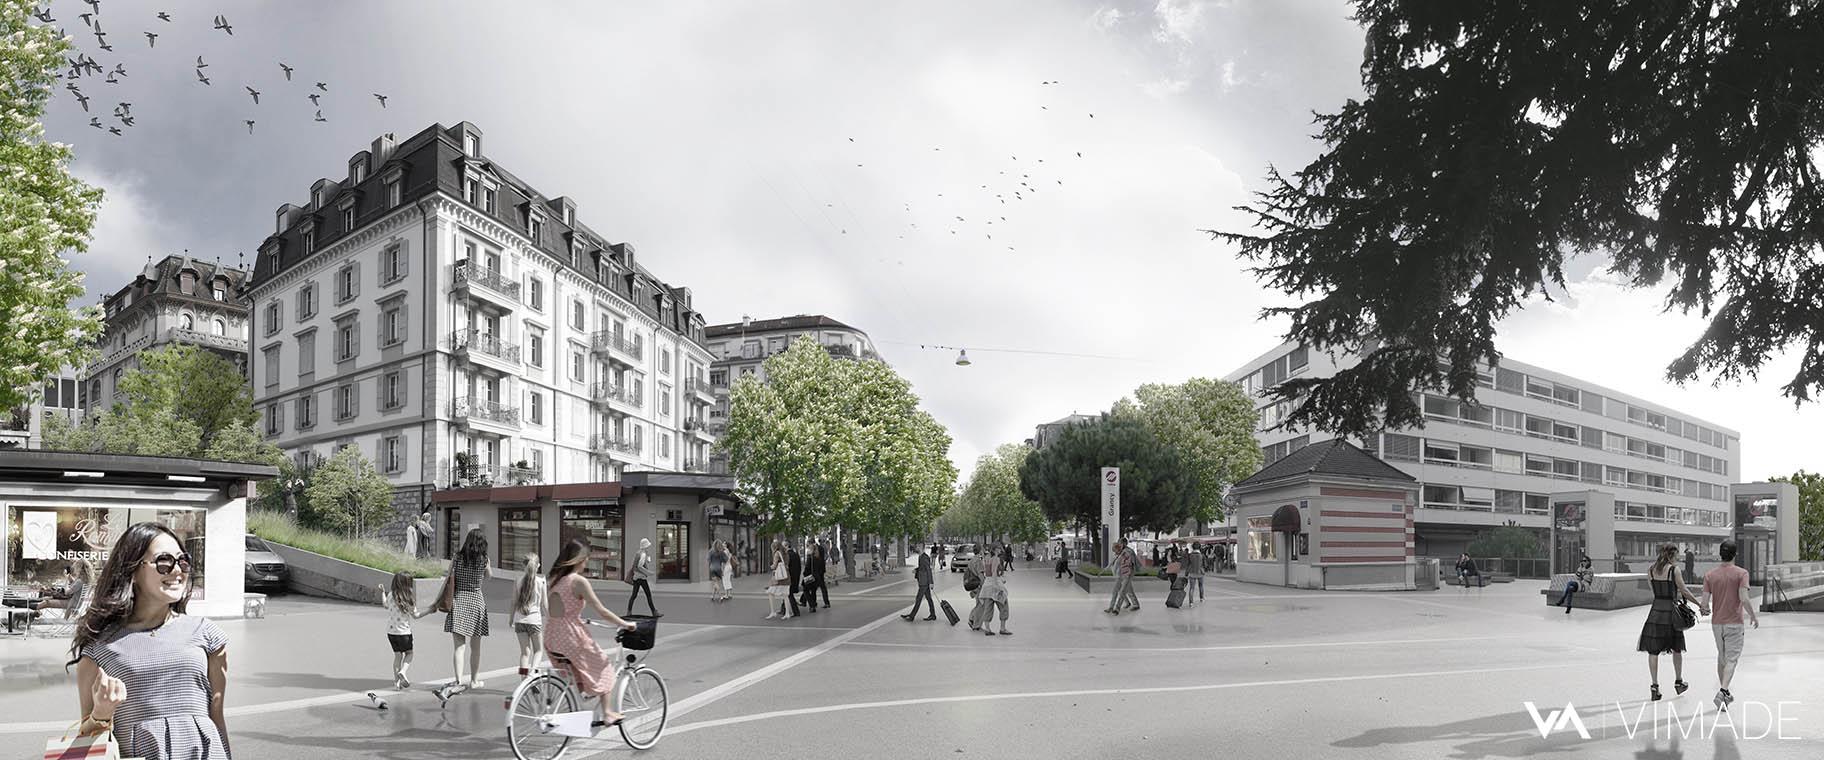 perspective-concours-sous-gare-lausanne-espace-public-place-grancy-metro-ficelle-vimade-architectes-paysagistes